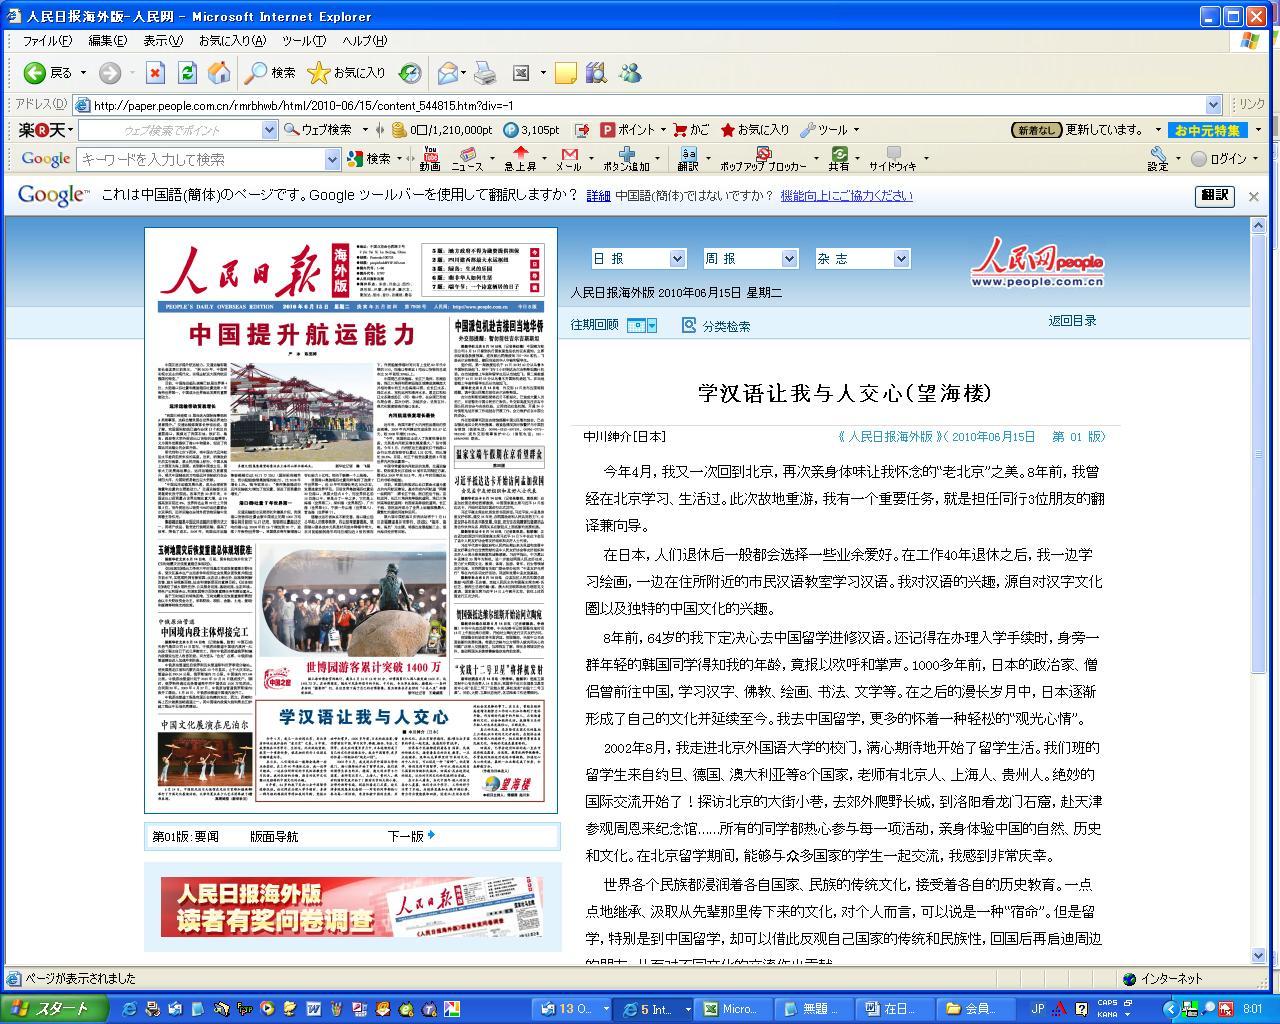 日本人の中国語作文 人民日報(海外版)一面に掲載された_d0027795_843560.jpg